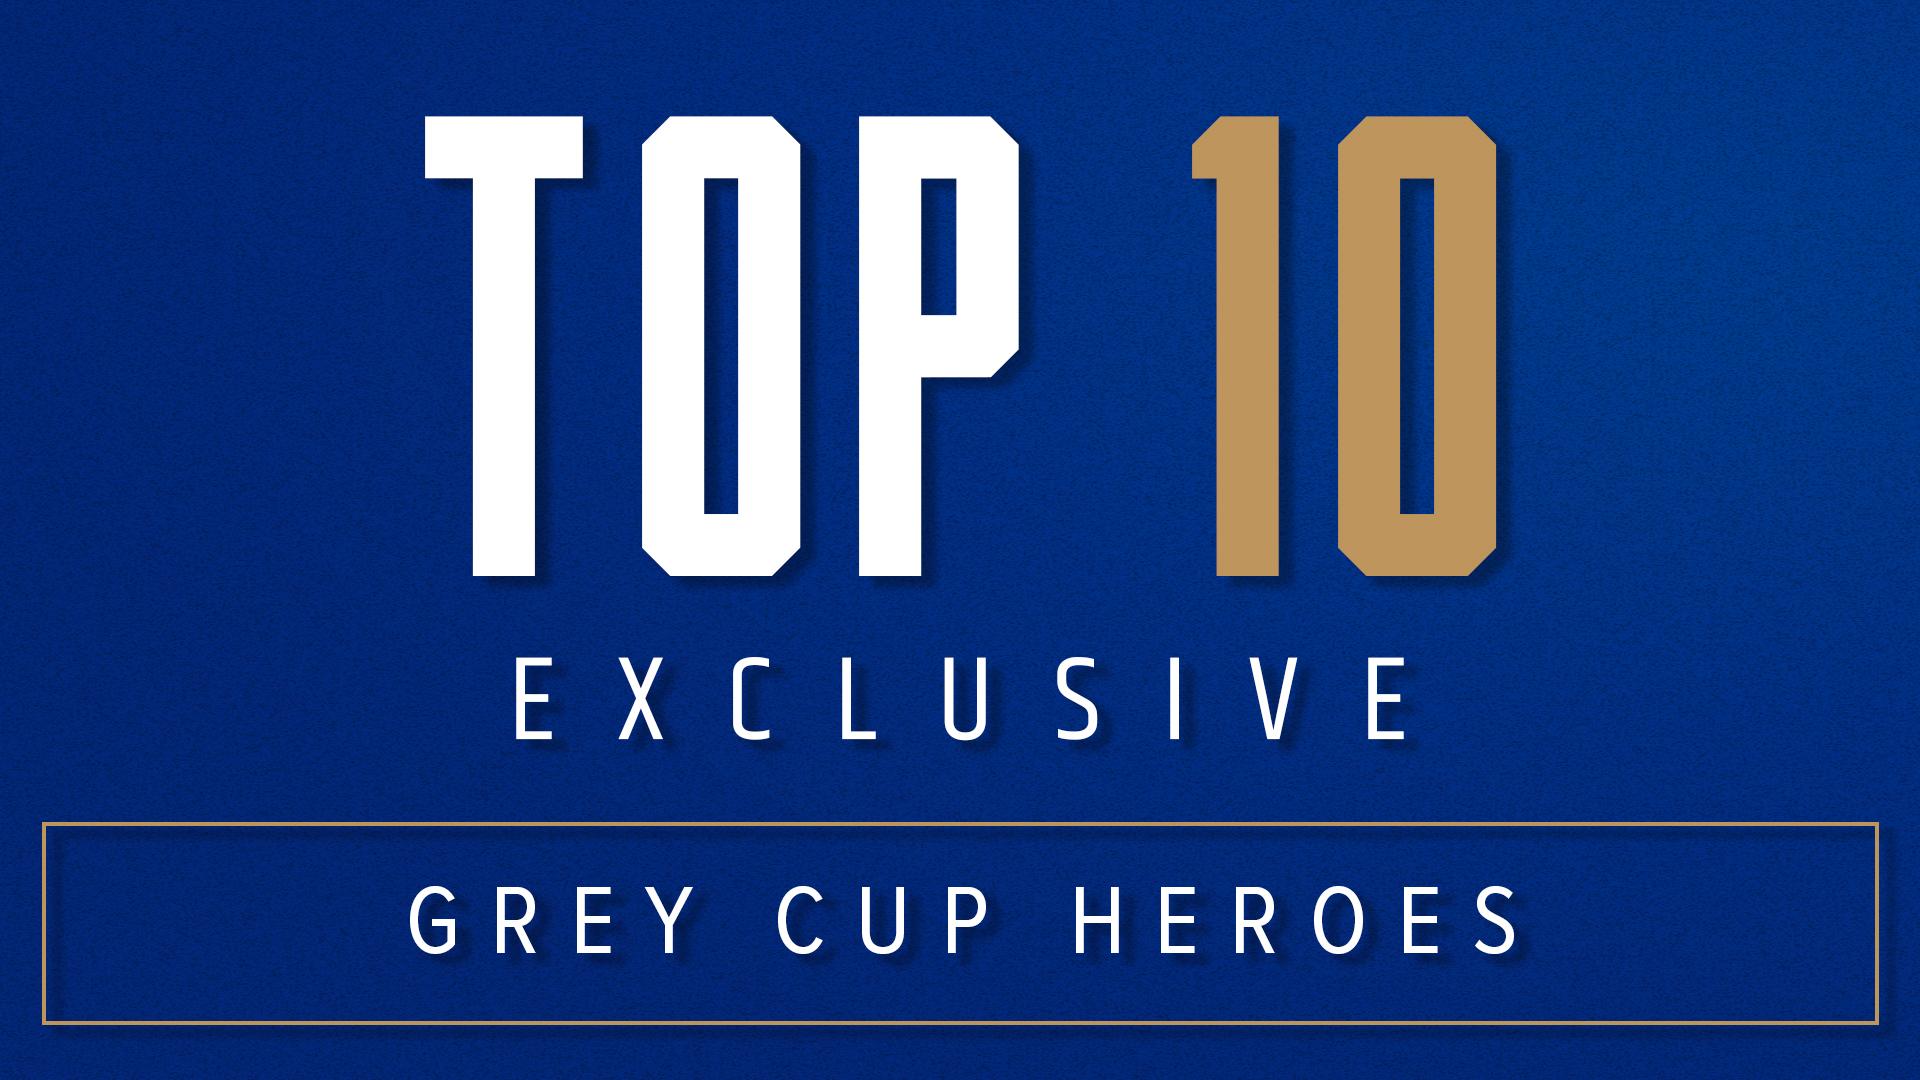 Top 10 Grey Cup Heroes